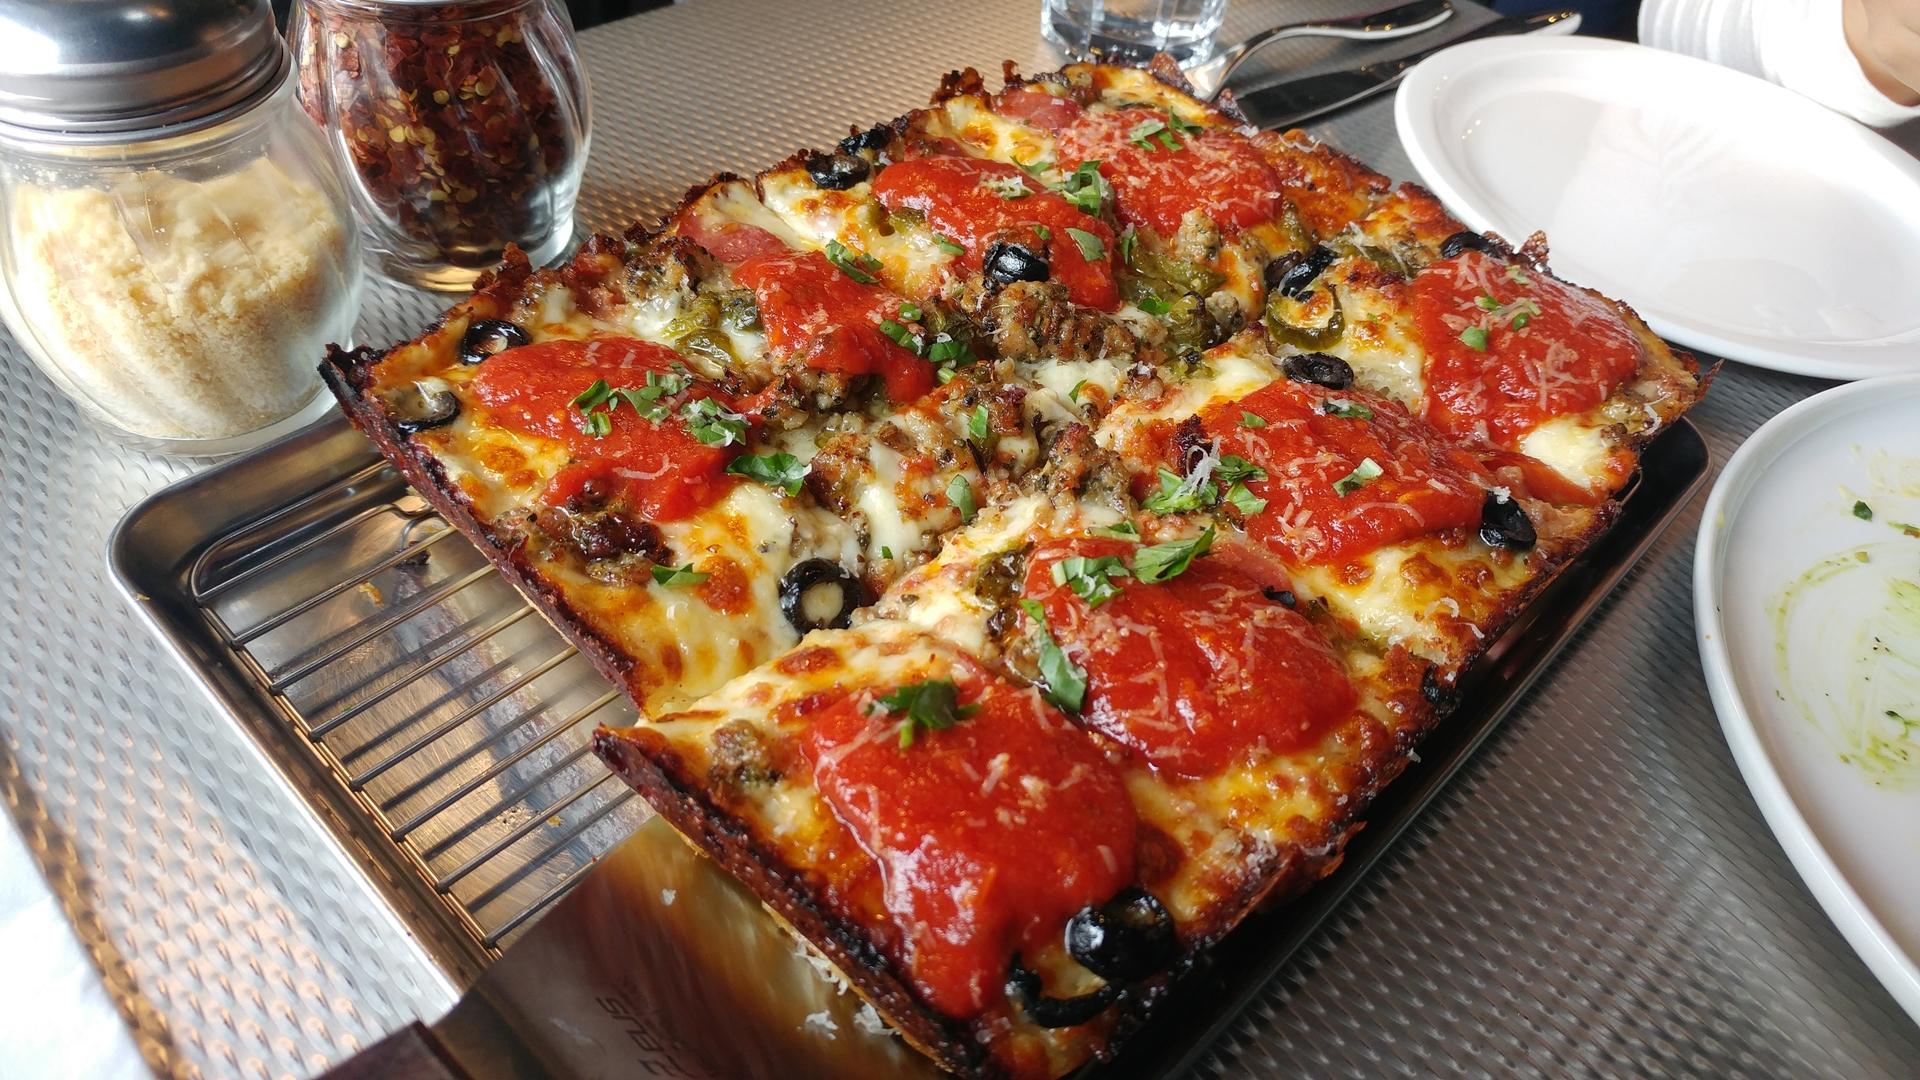 [이태원] 모터시티 - 디트로이트 피자 컨셉의 맛있..